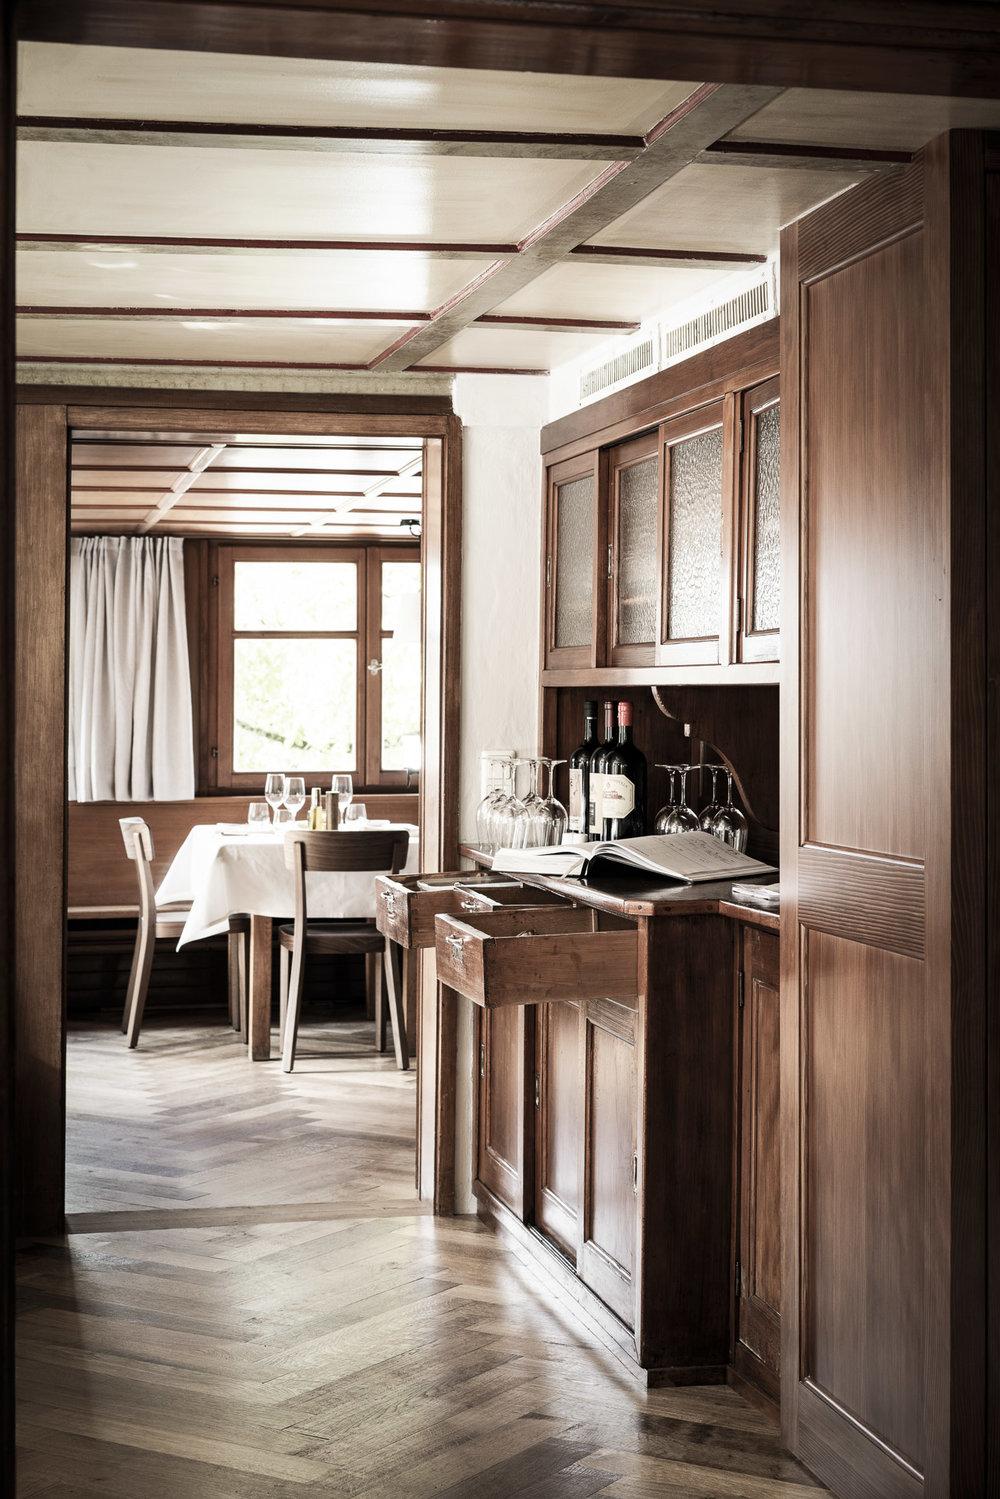 Fotowerk Hotelfotografie - Detail der rustikalen Gaststube